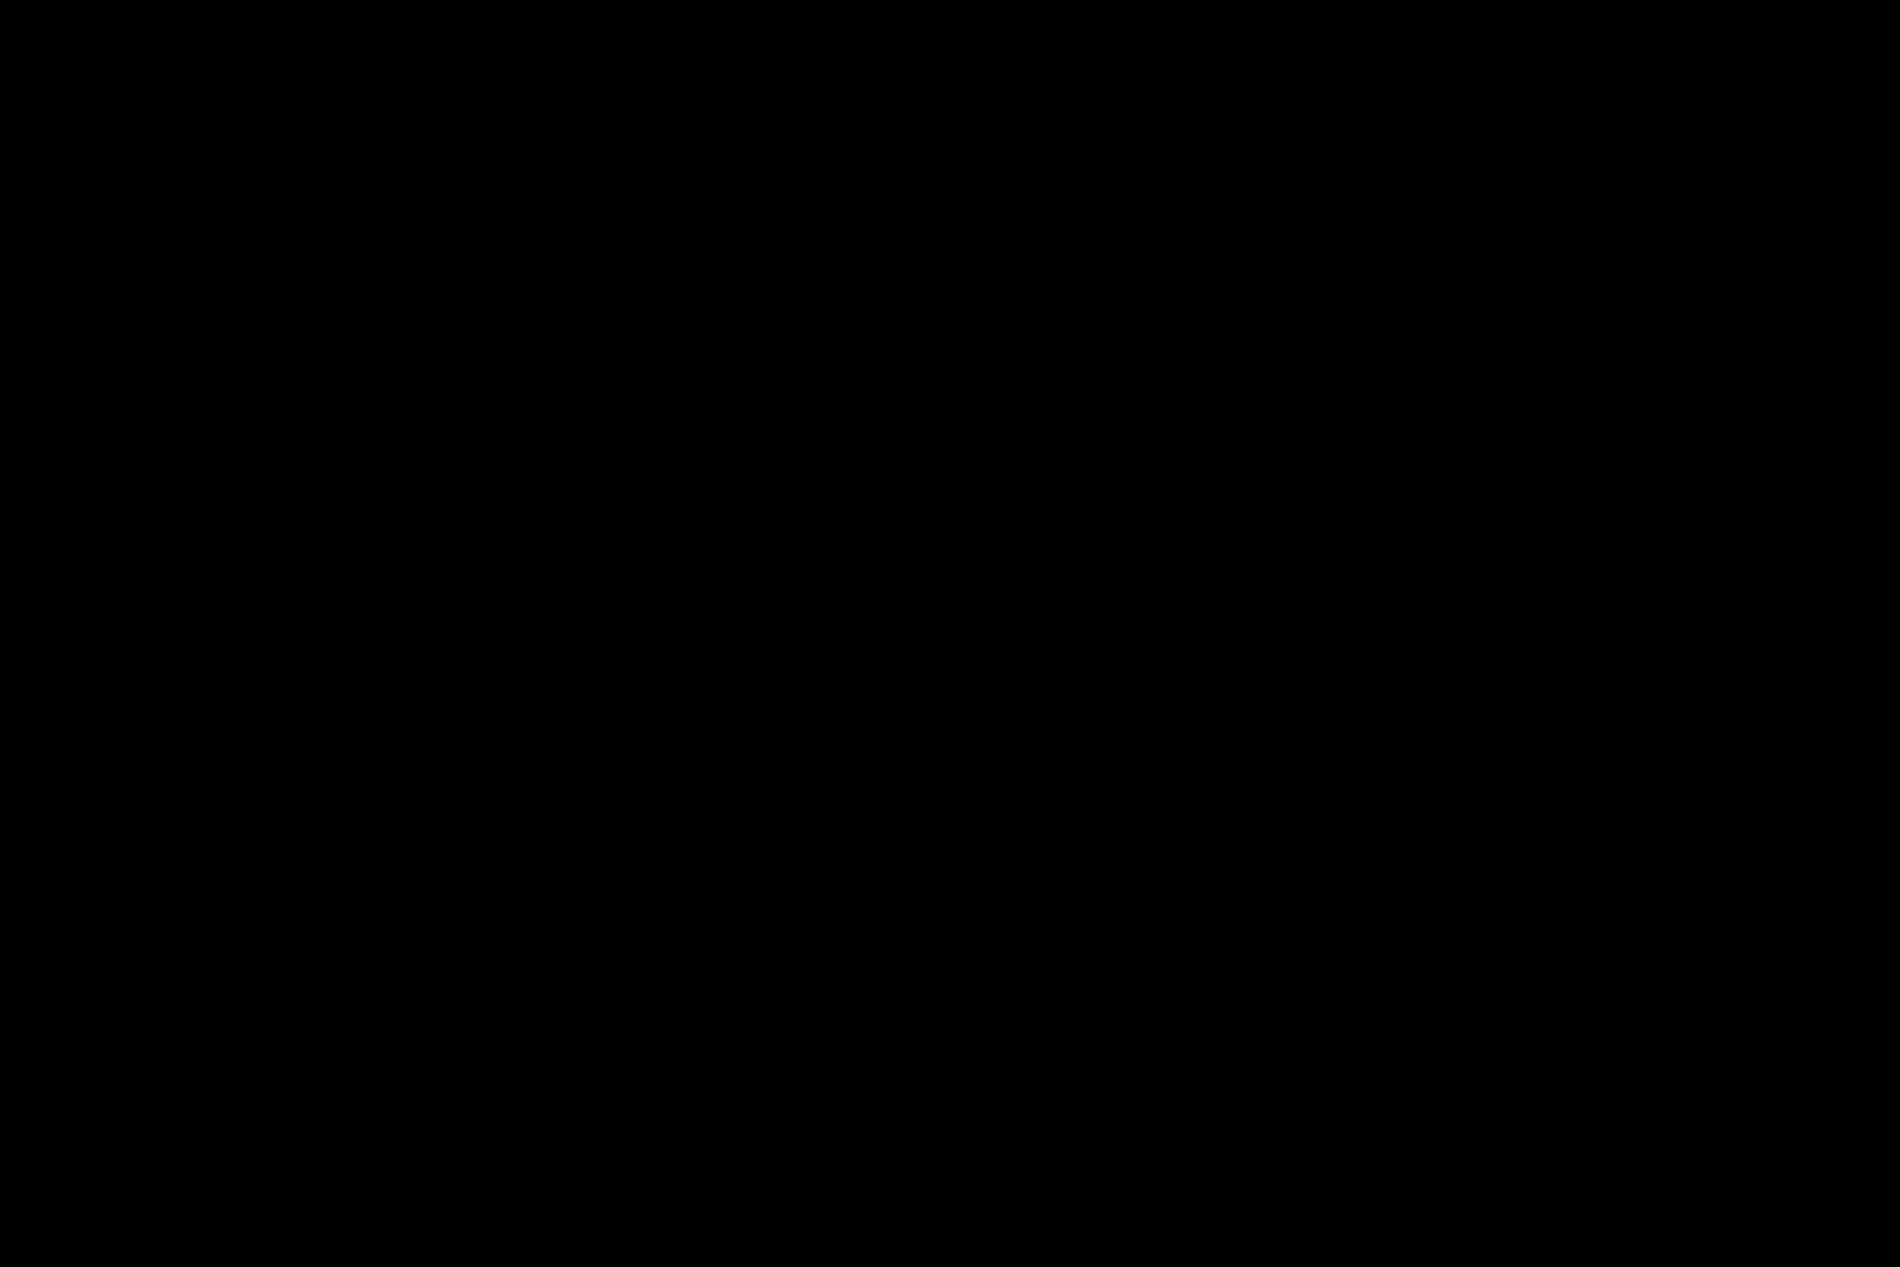 Vzorník tisku bílou